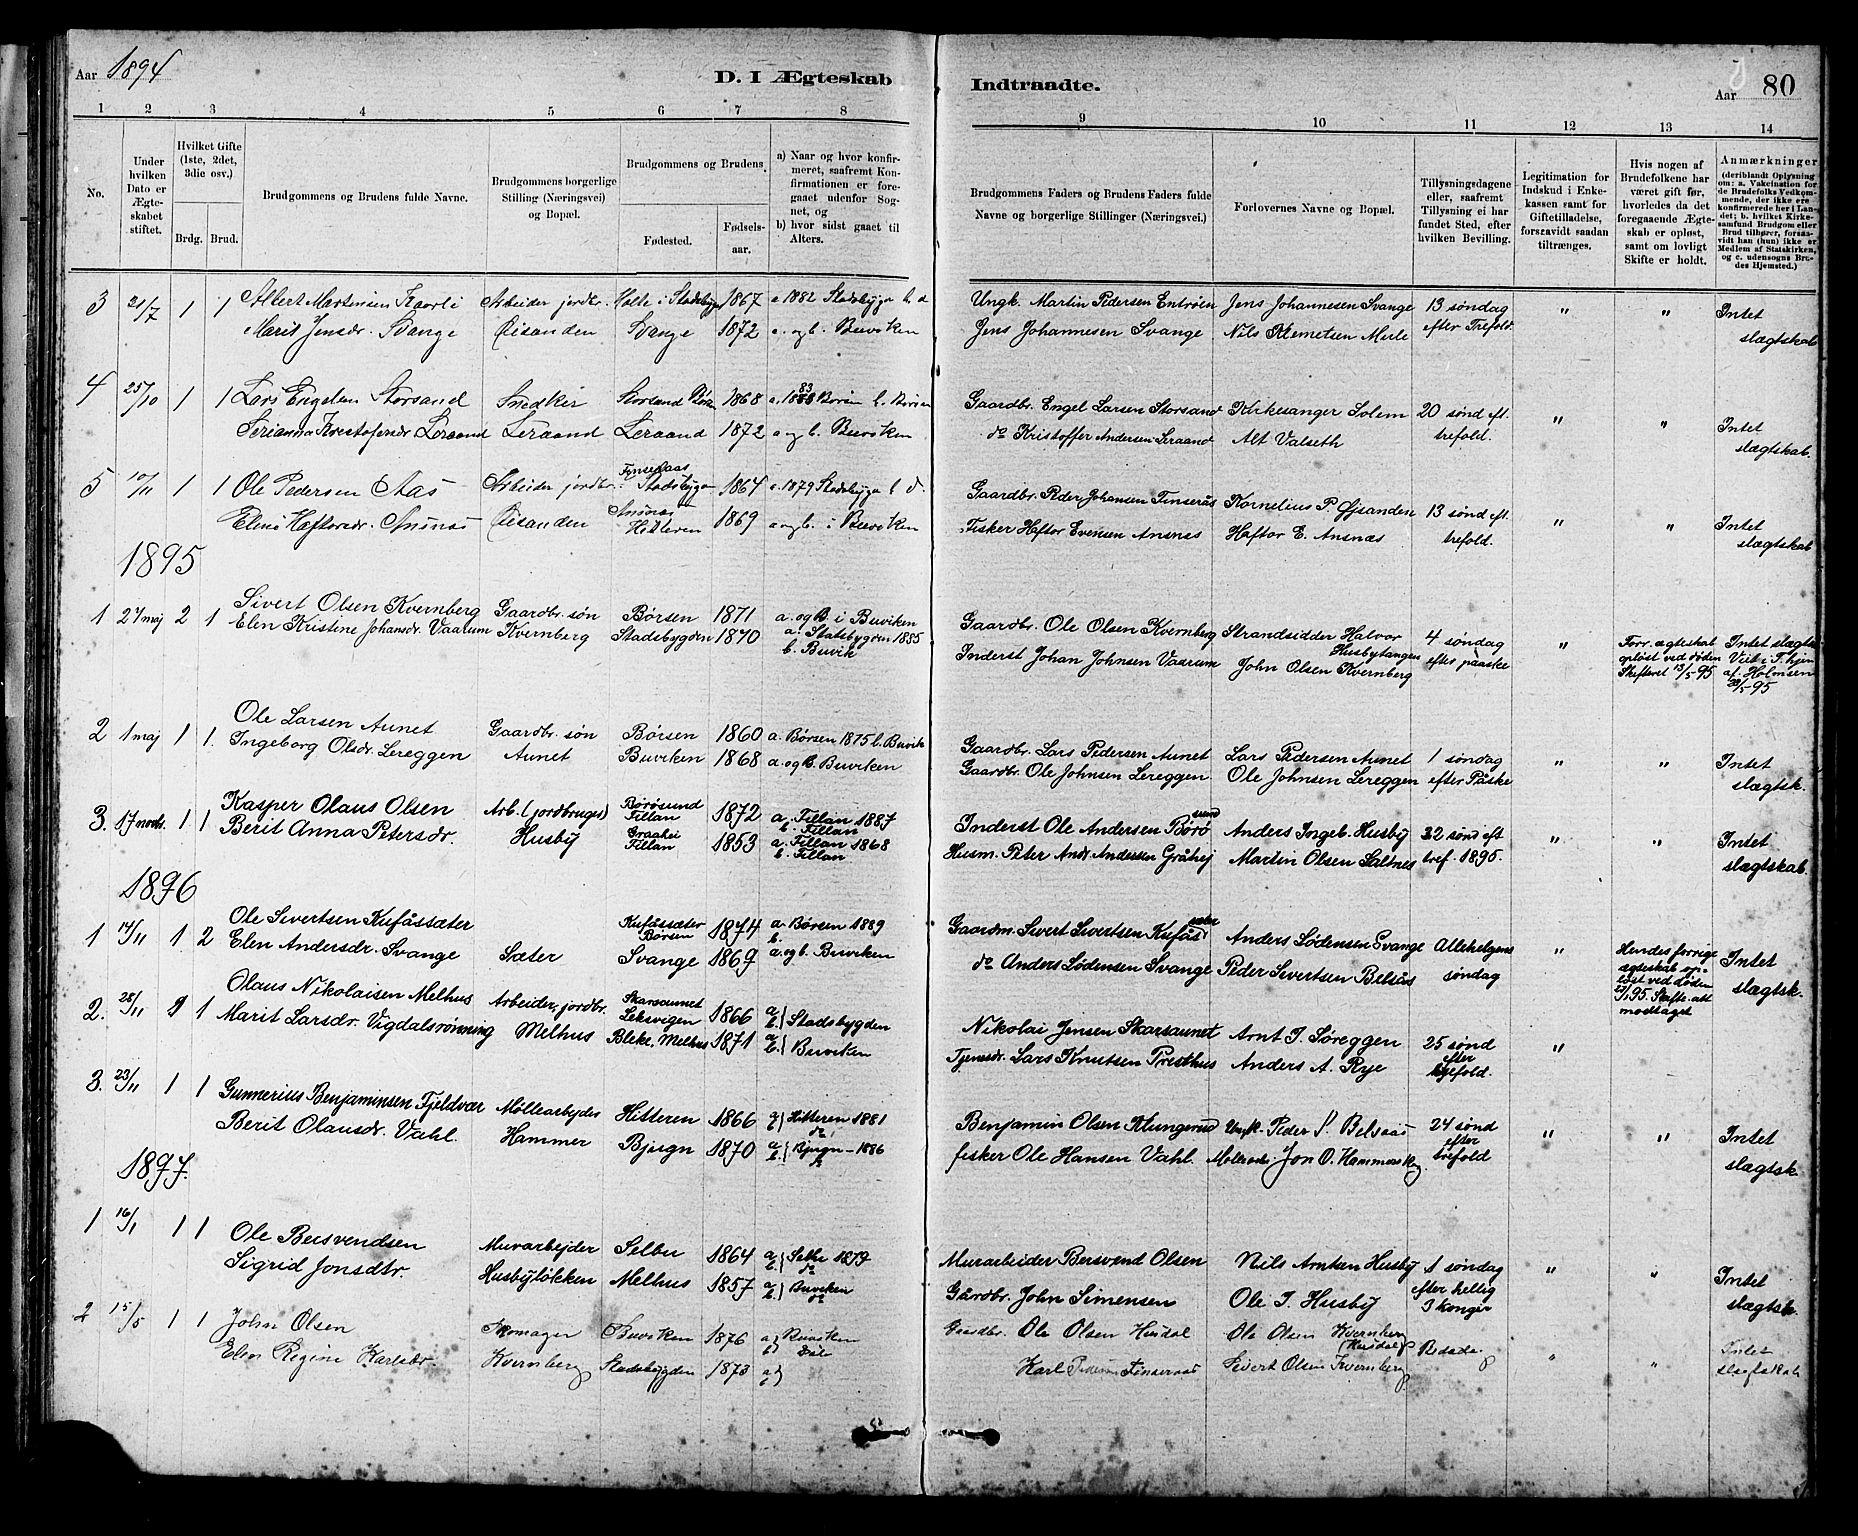 SAT, Ministerialprotokoller, klokkerbøker og fødselsregistre - Sør-Trøndelag, 666/L0790: Klokkerbok nr. 666C03, 1885-1908, s. 80